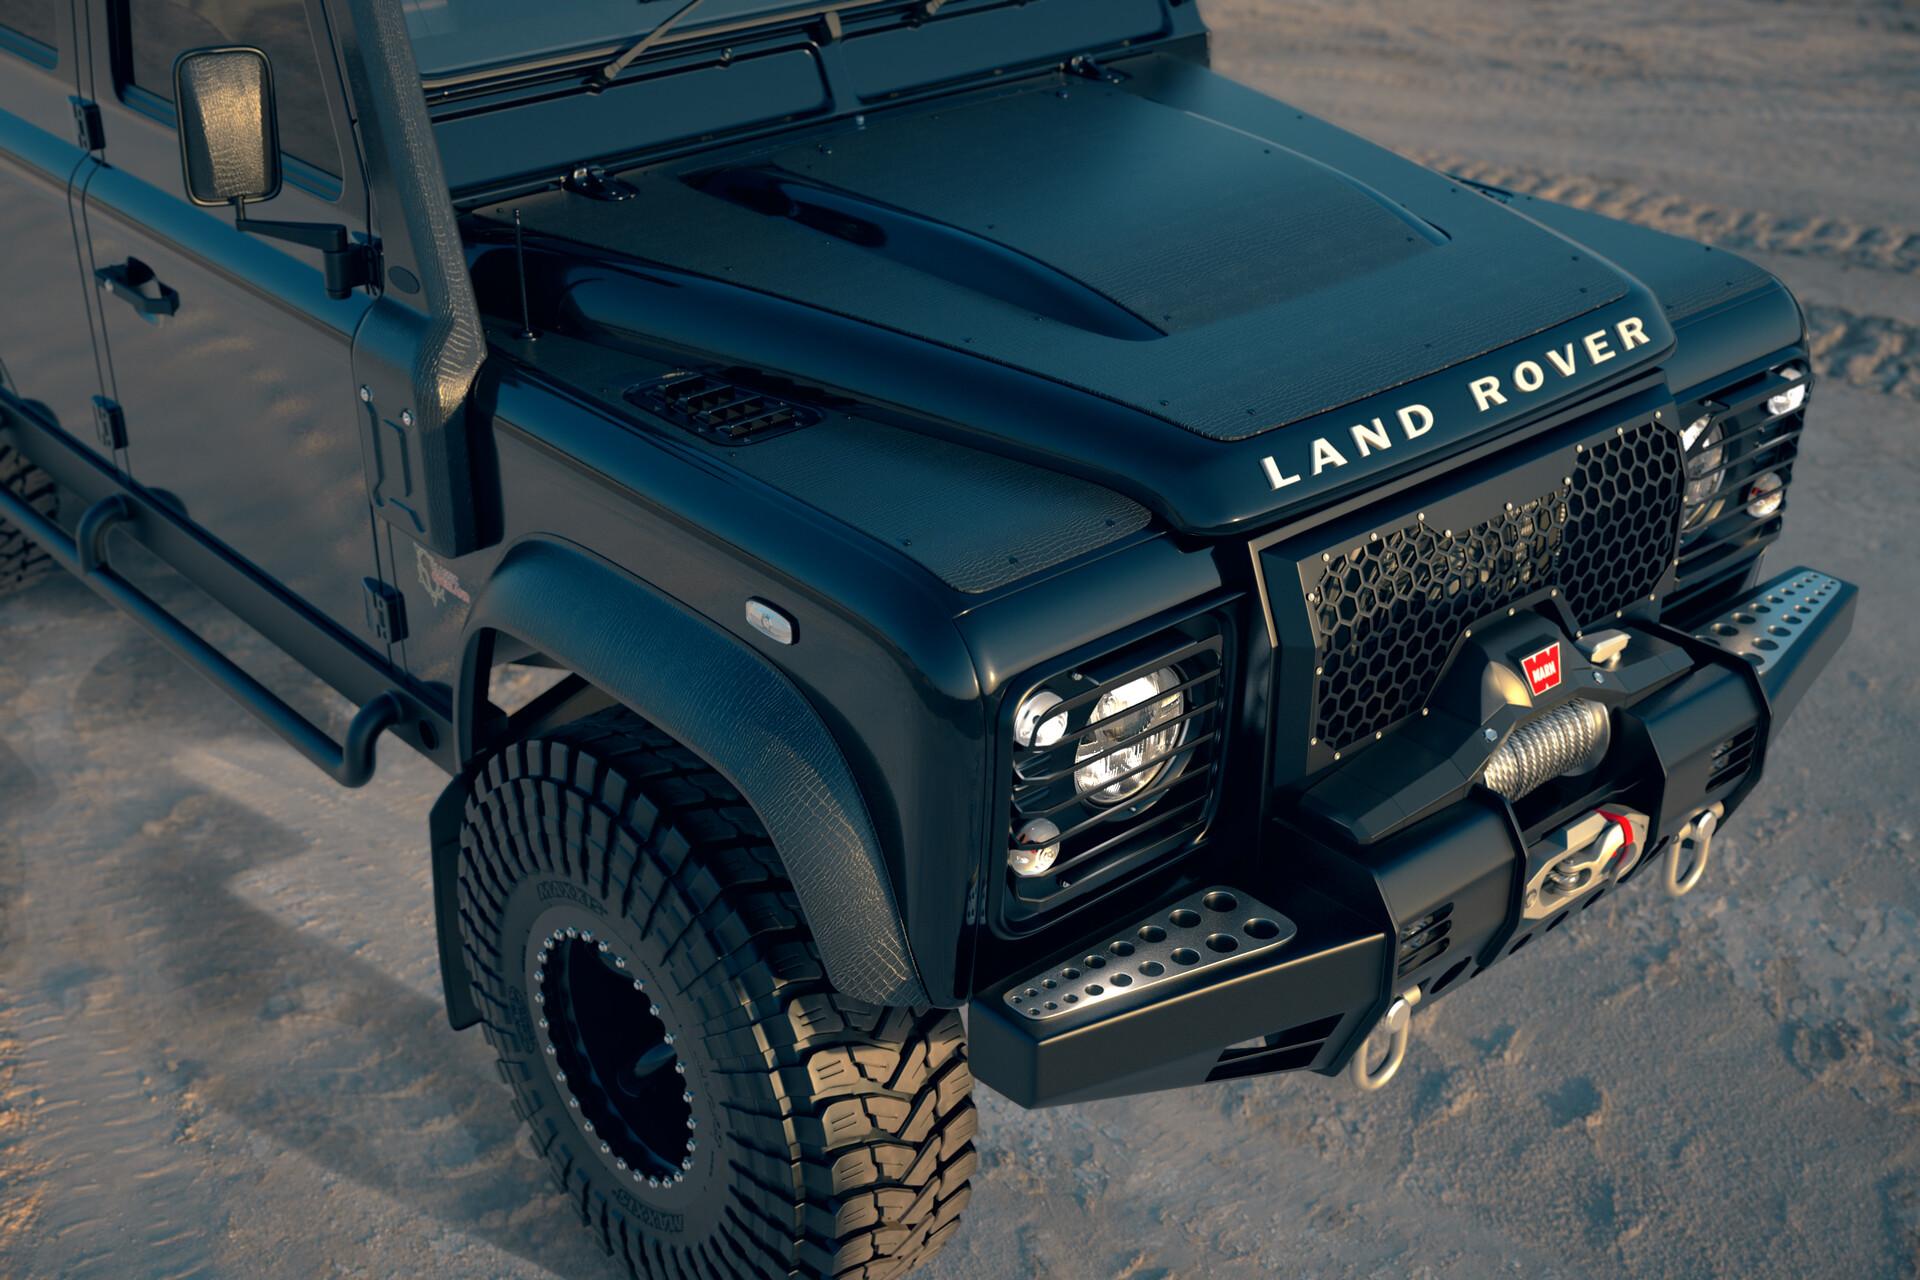 Michael Lockett 6x6 Land Rover Defender